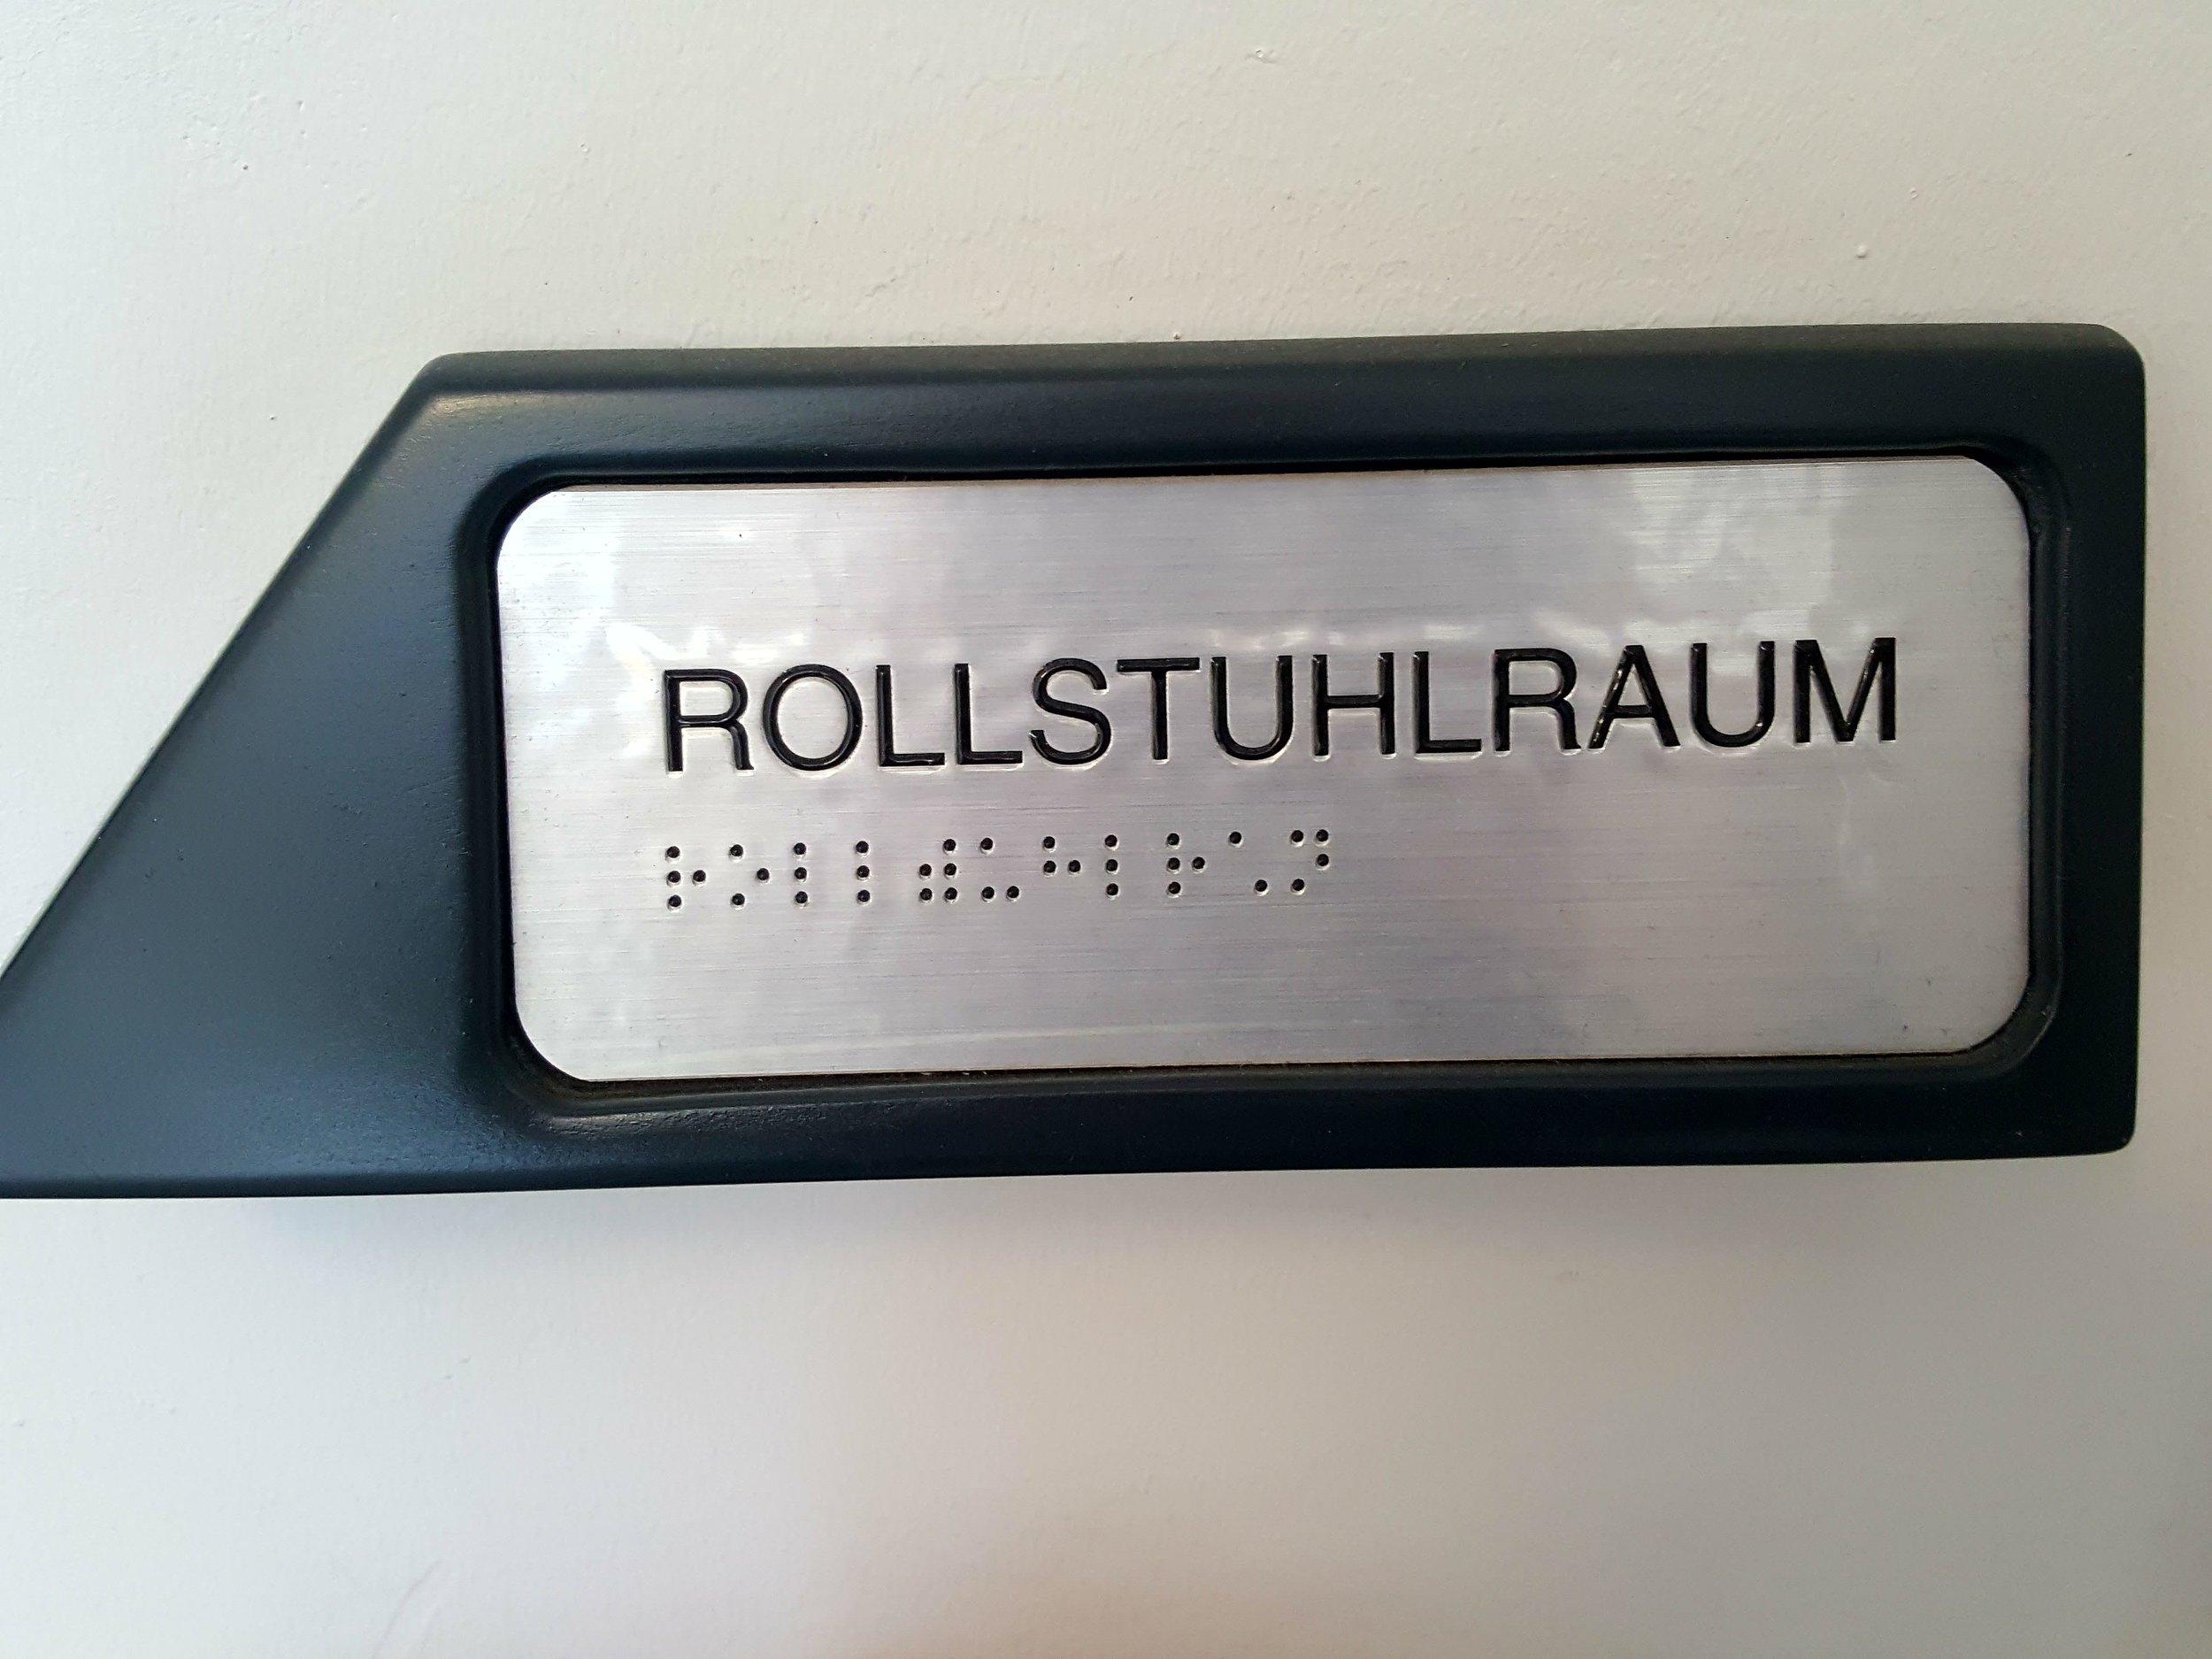 Barakiel Halle. Tyskland mest tilgængelige idrætshal. Skilte med blindskrift og formet som pile, som viser vejen for synshæmmede brugere.  Foto: Henrik H. Brandt